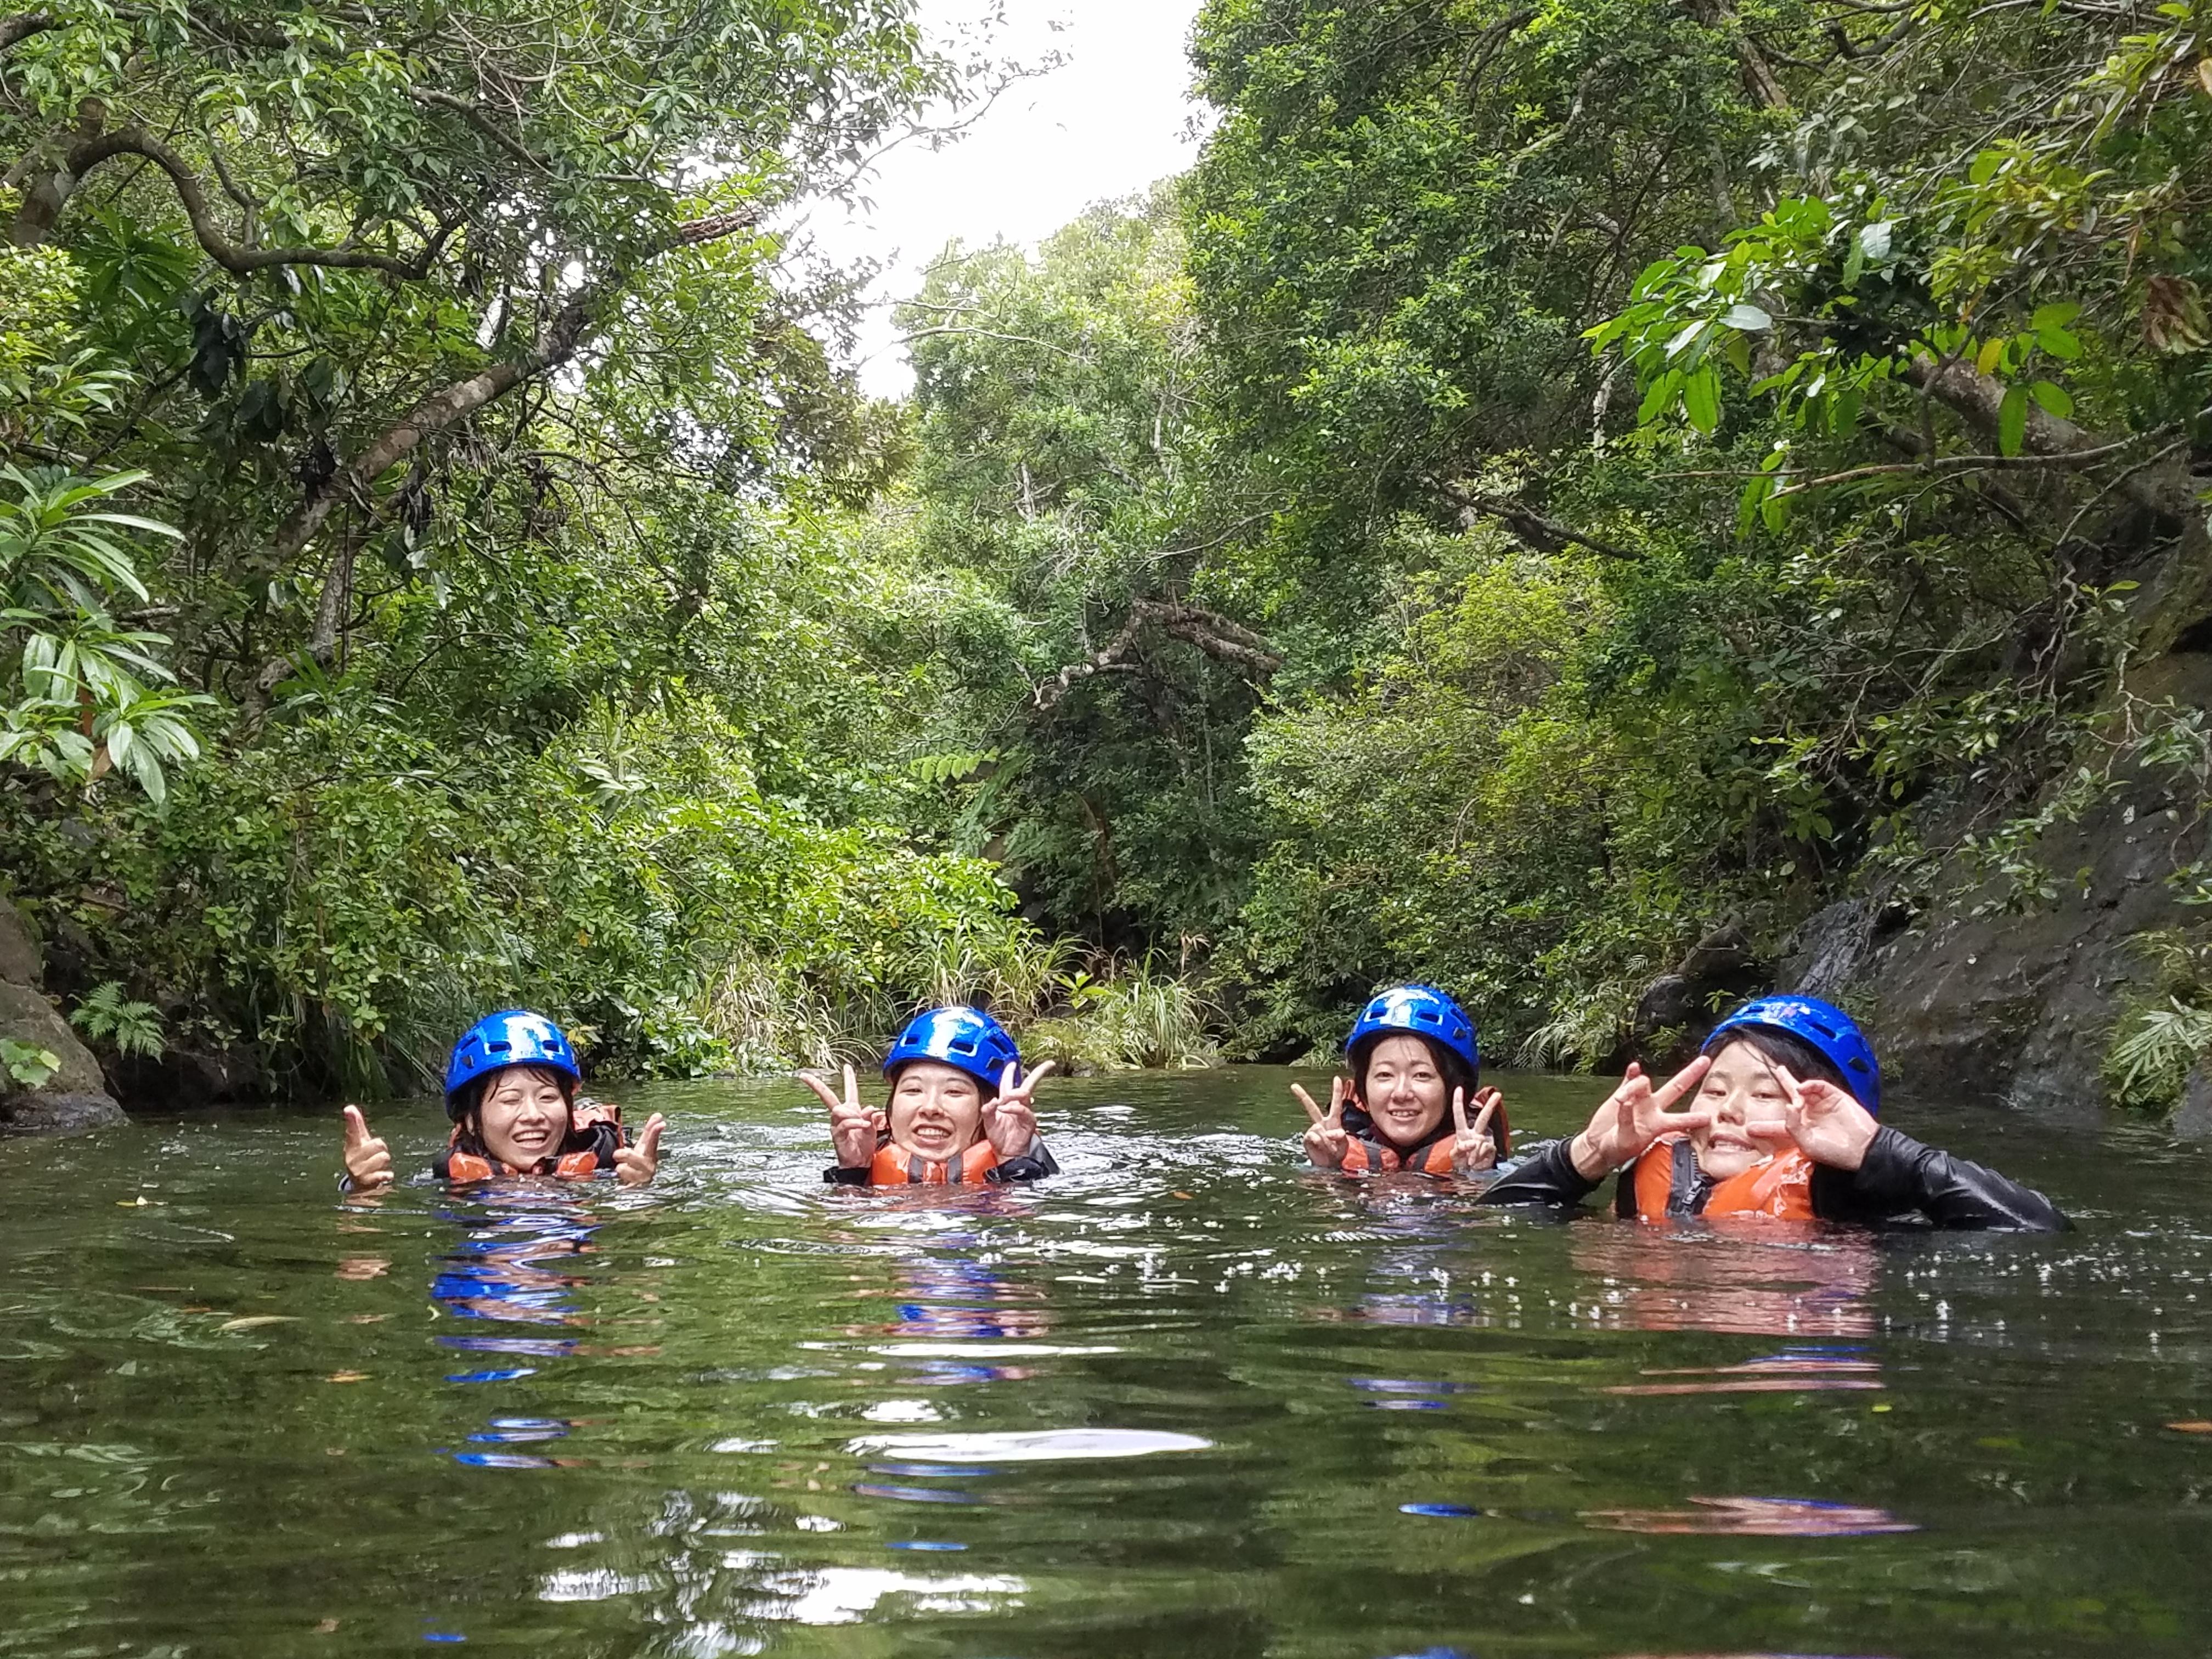 キャニオリングとゲータの滝トレッキングツアーとetc